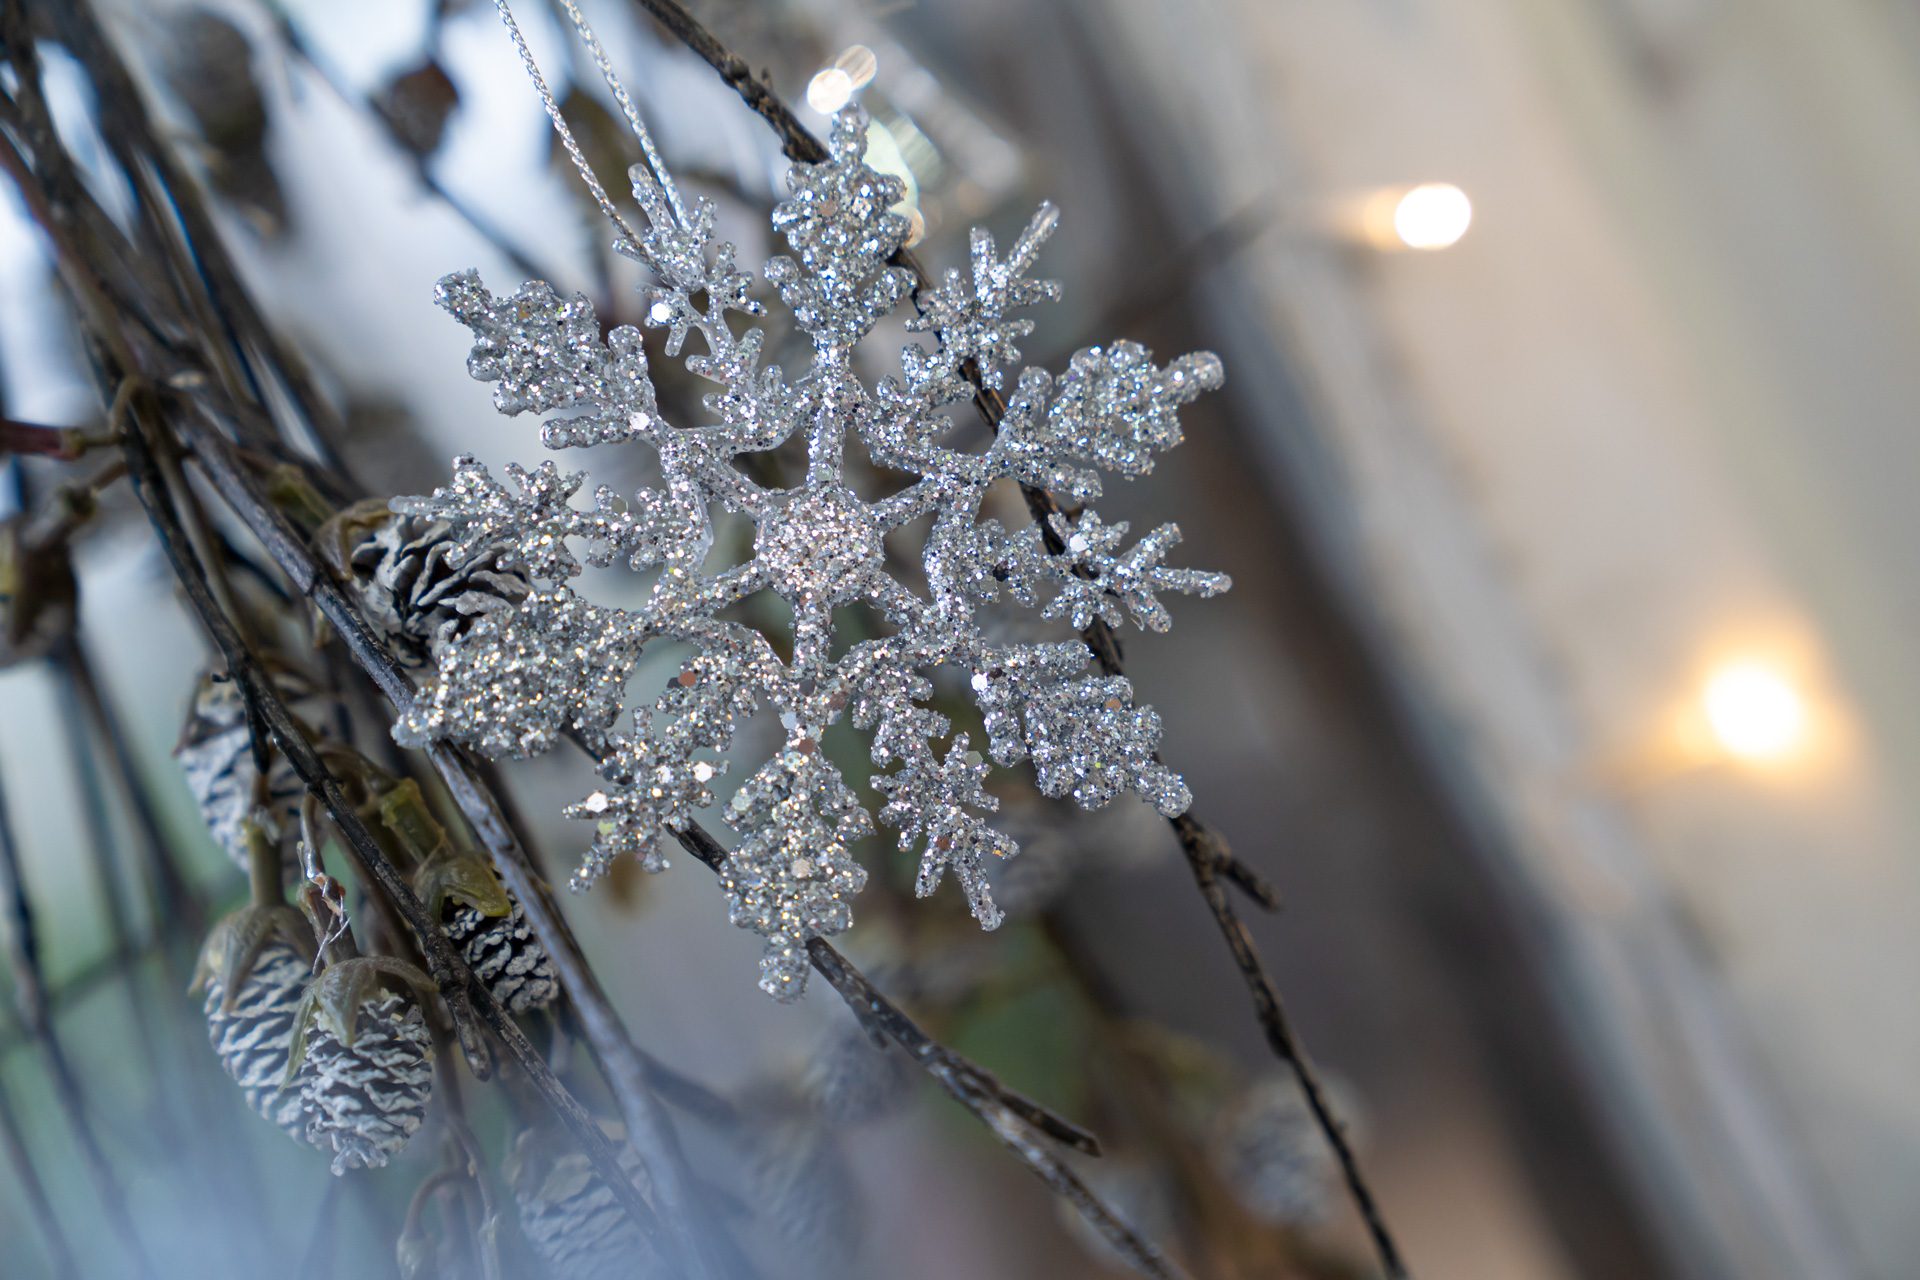 Festliche Dekorationen zur Adventszeit